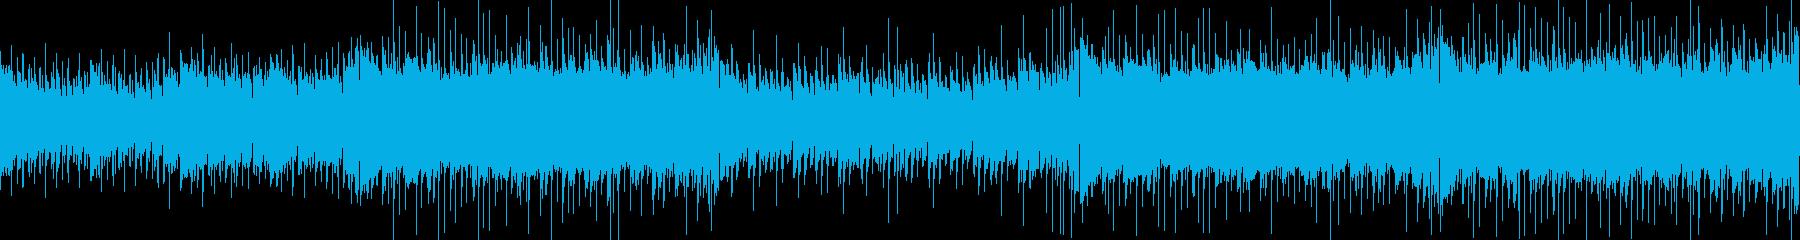 夏のイベントにほのぼのアコギBGMの再生済みの波形